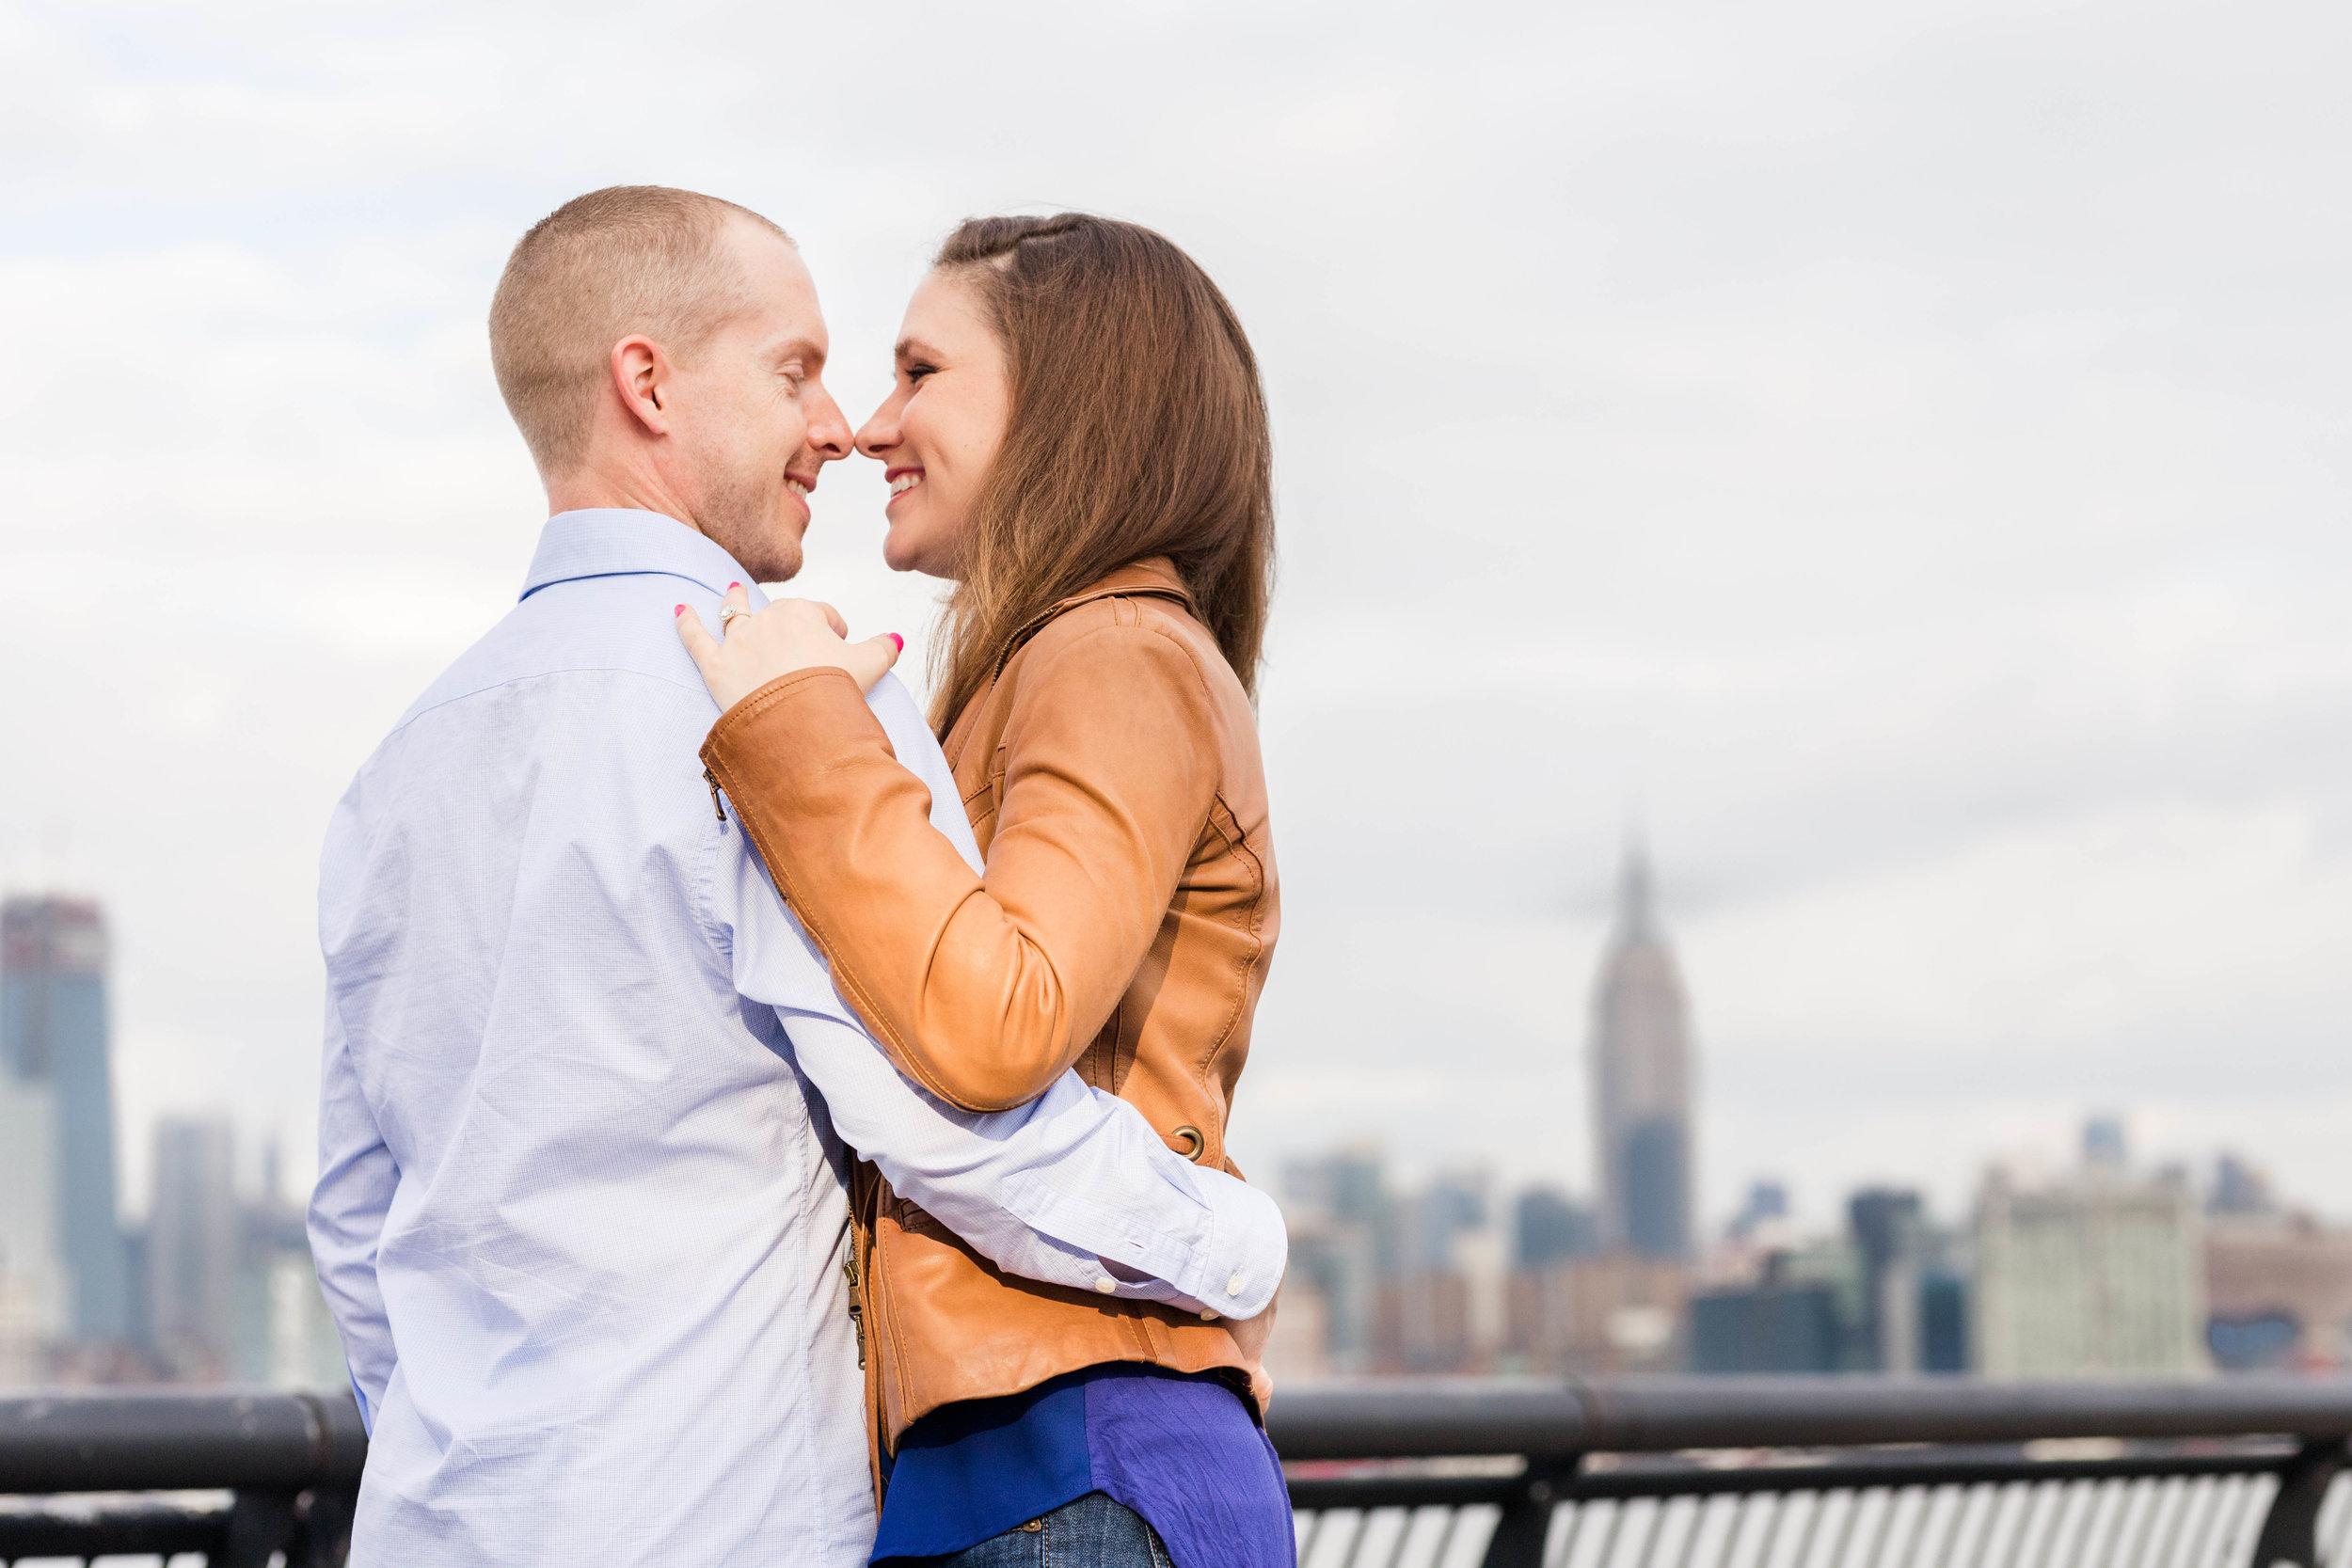 dating i Hoboken NJ fall gro par av dejta en gift man